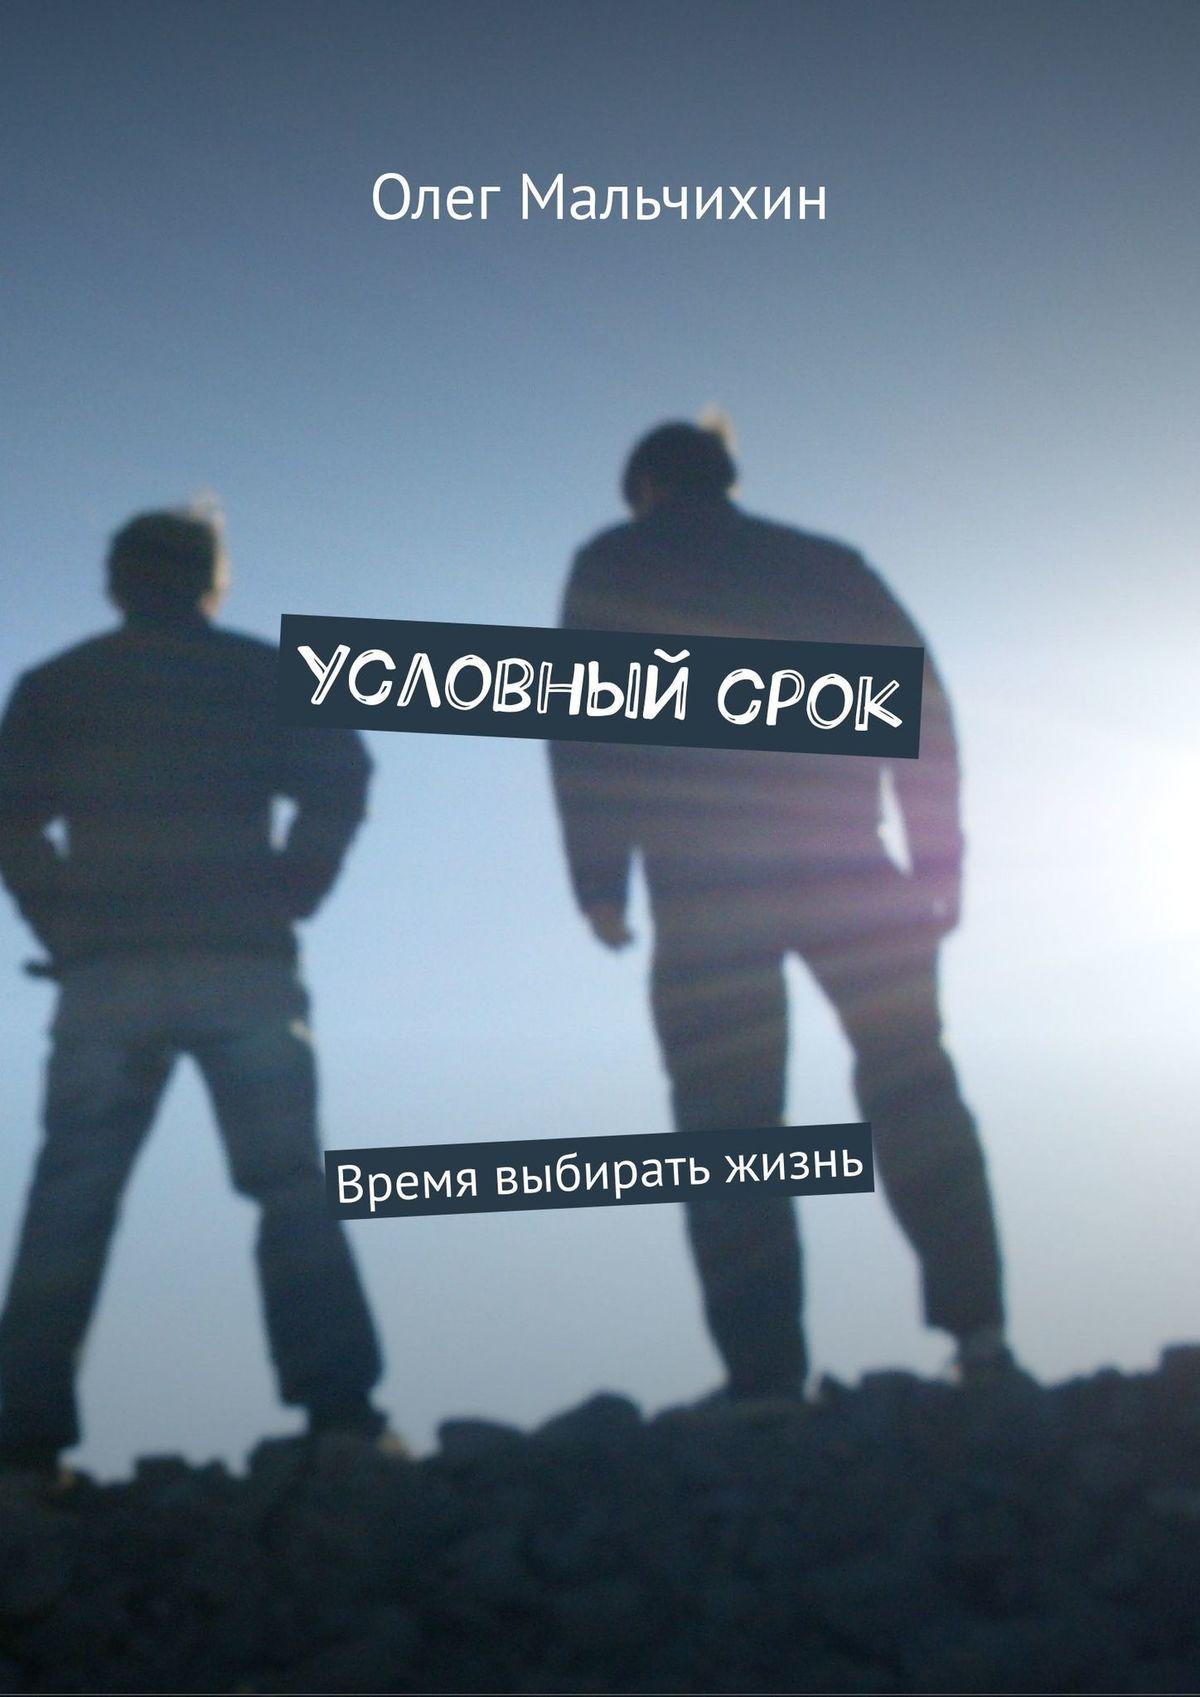 Олег Мальчихин Условныйсрок. Время выбирать жизнь не откладывай жизнь на завтра мысли на пороге